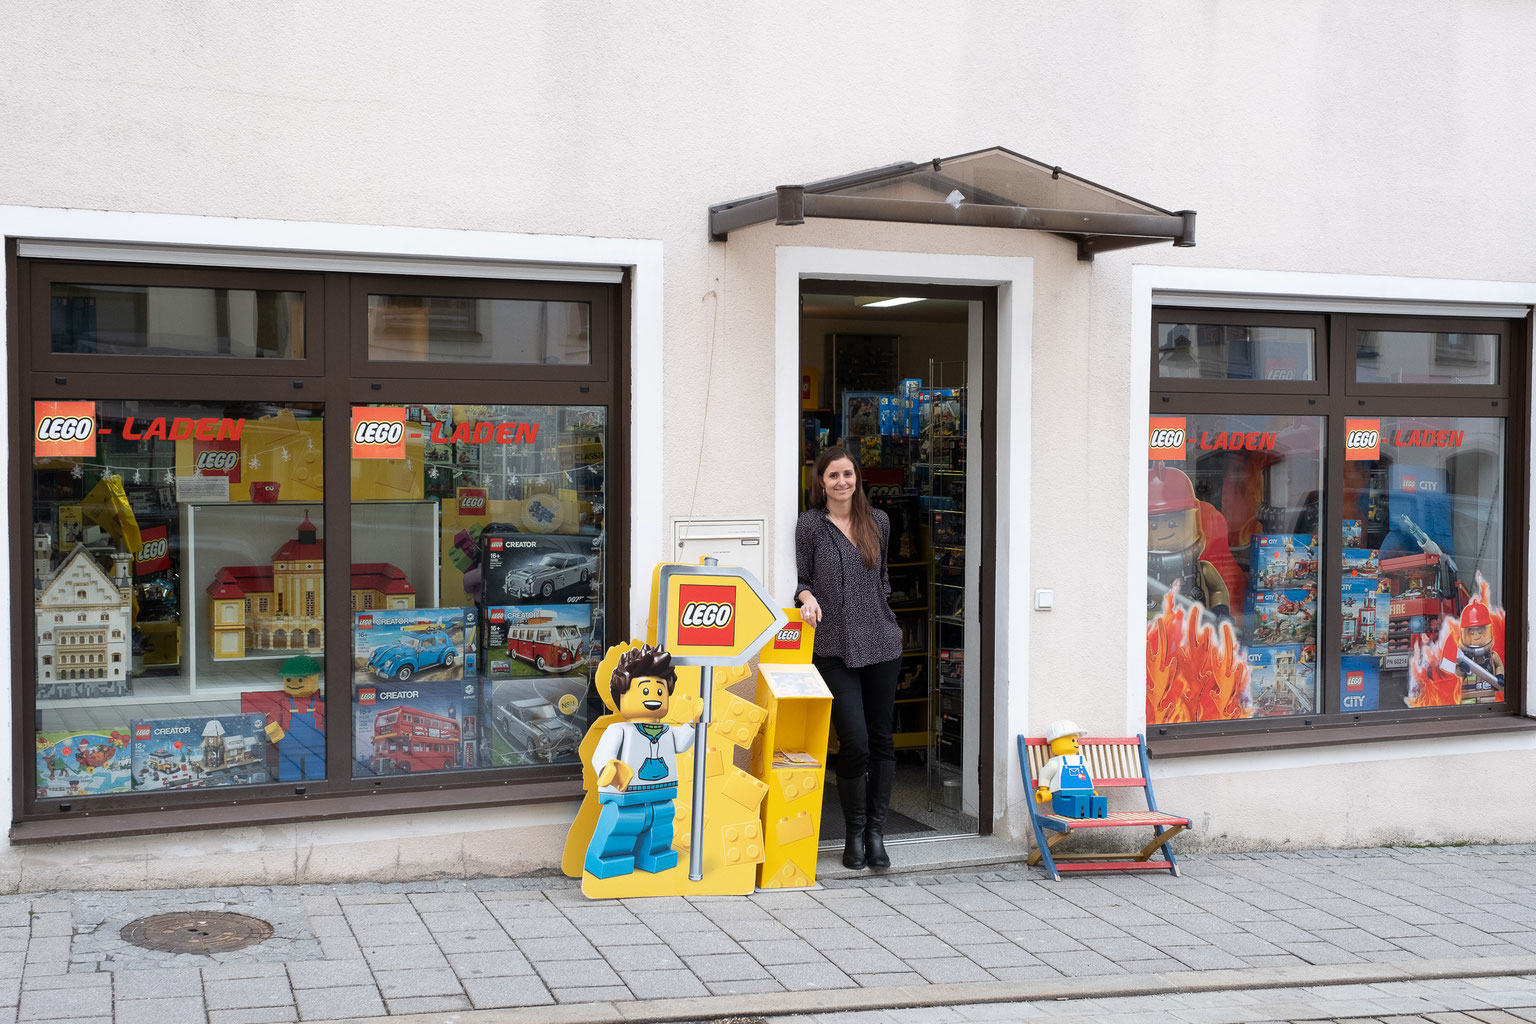 454381547db2f8 Der Legoladen im Herzen Ingolstadts! - Der Legoladen im Herzen Ingolstadts!